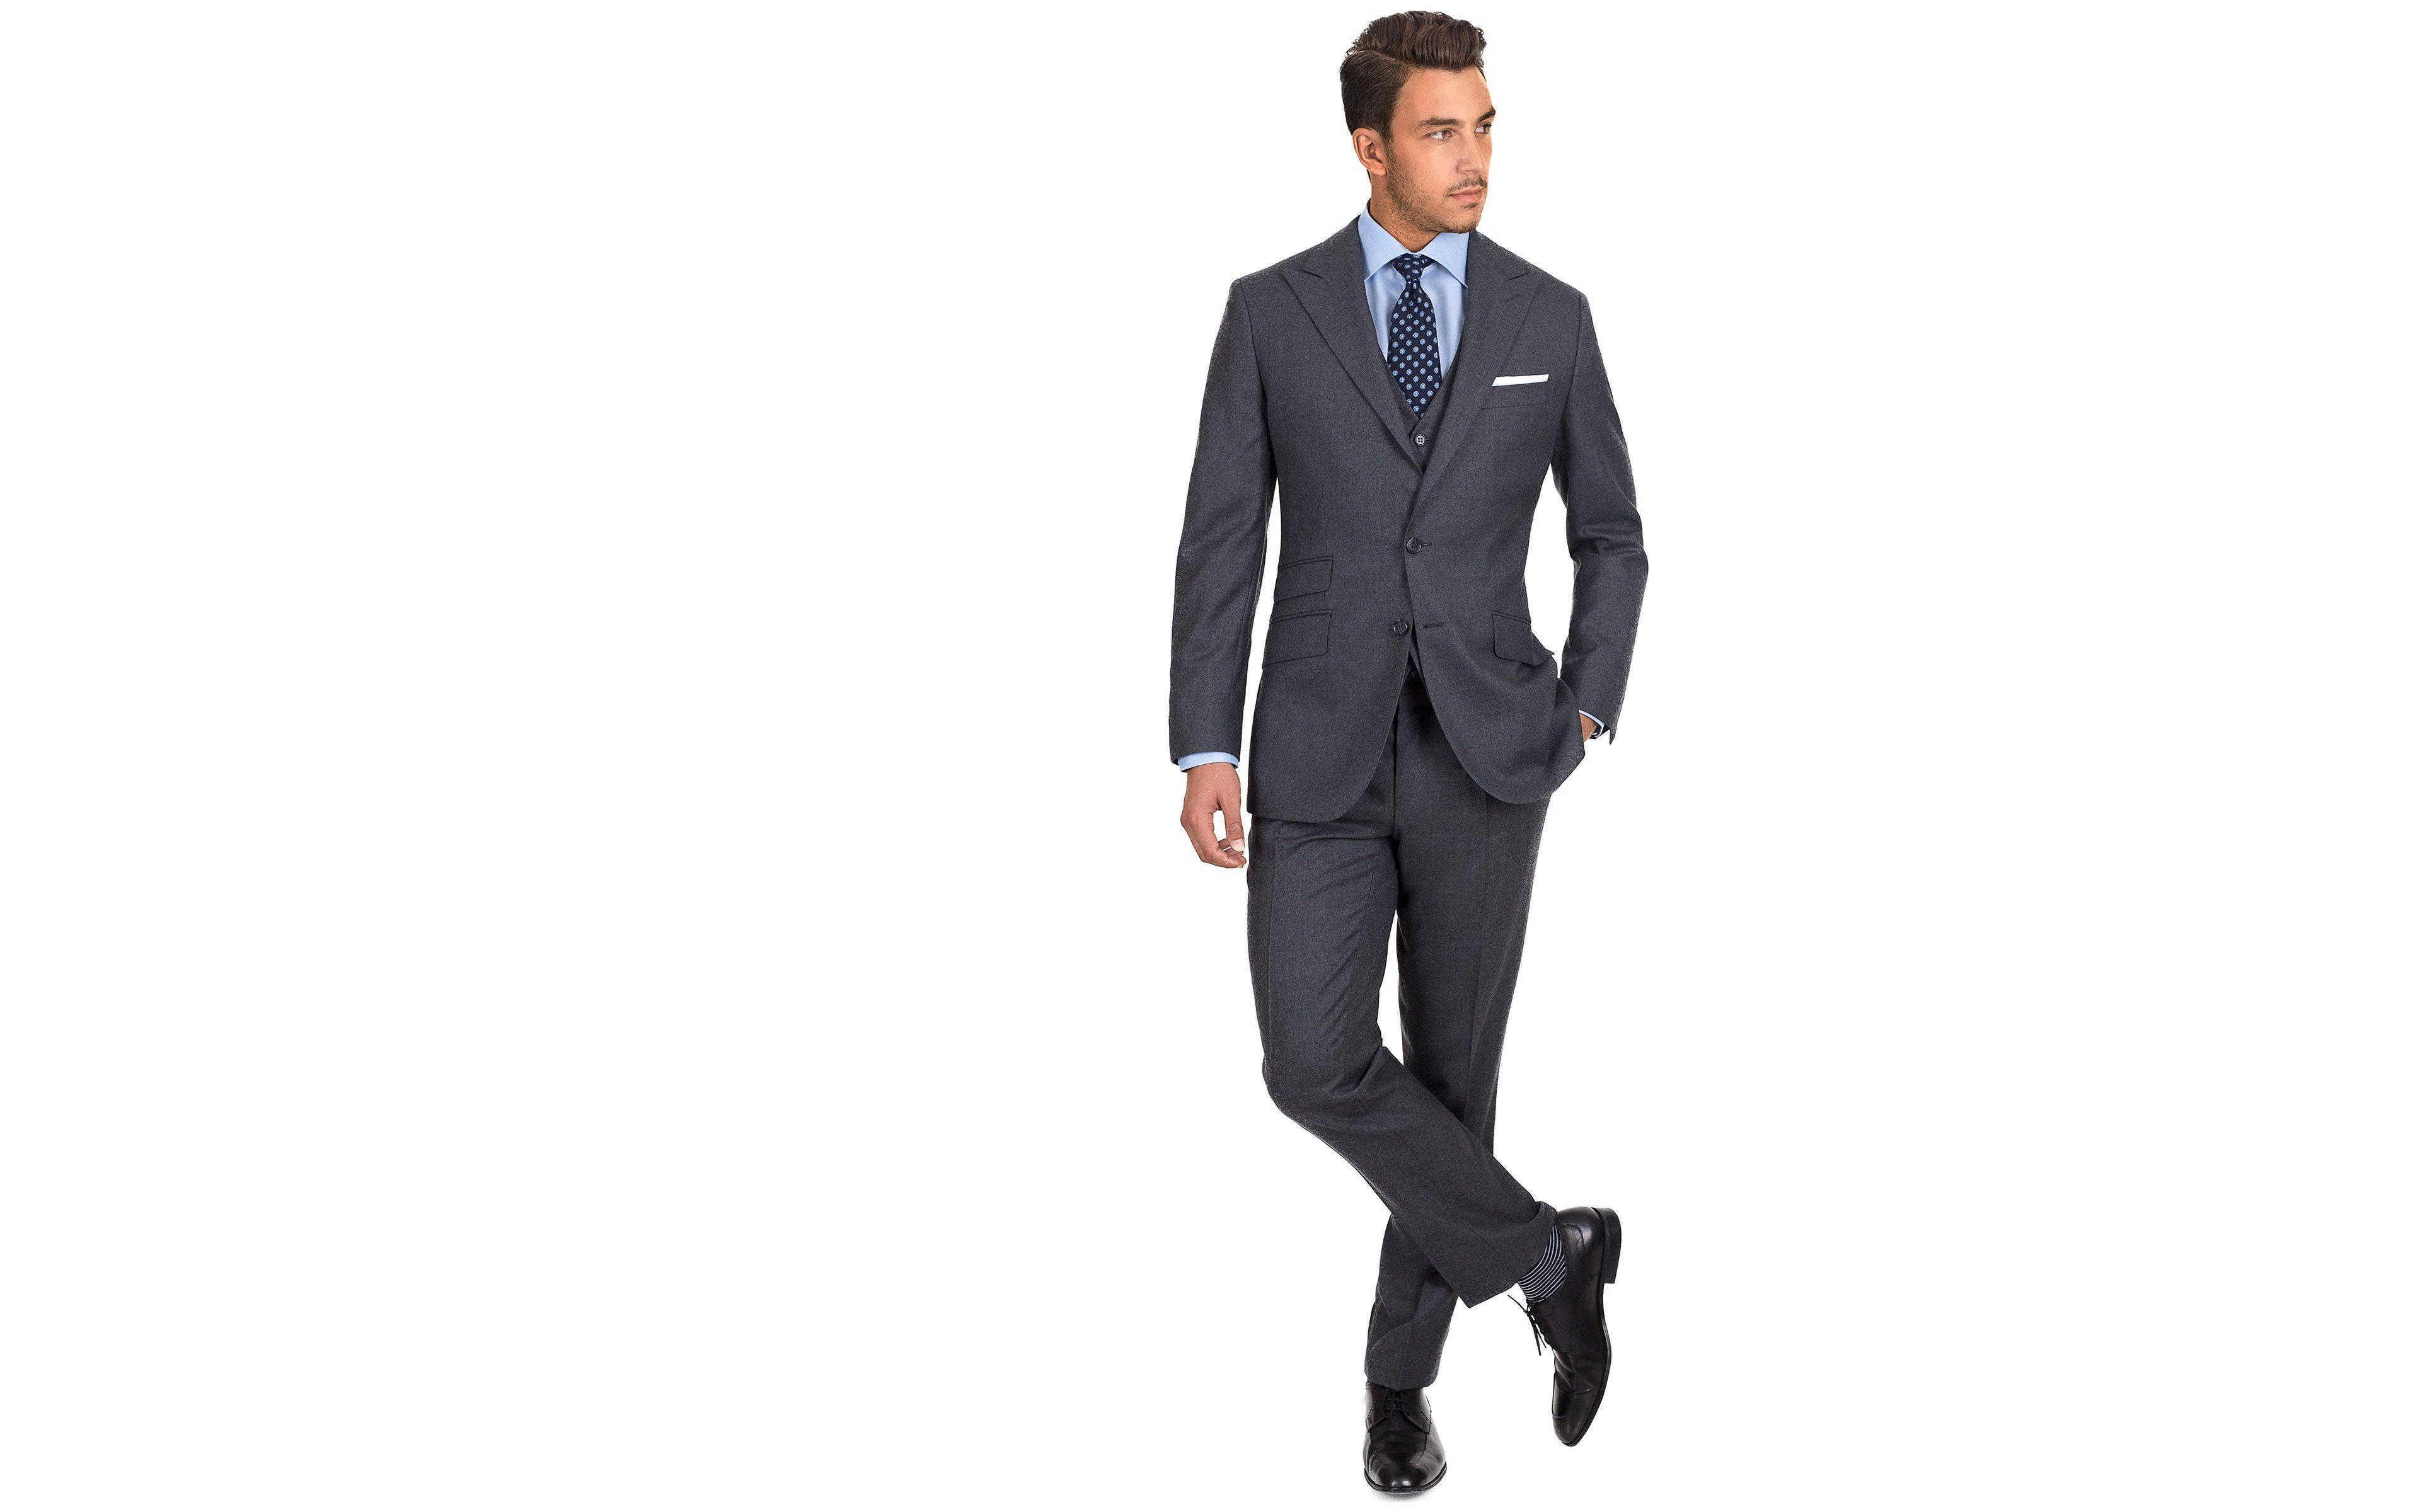 11 oz Grey Twill 3 Piece Suit